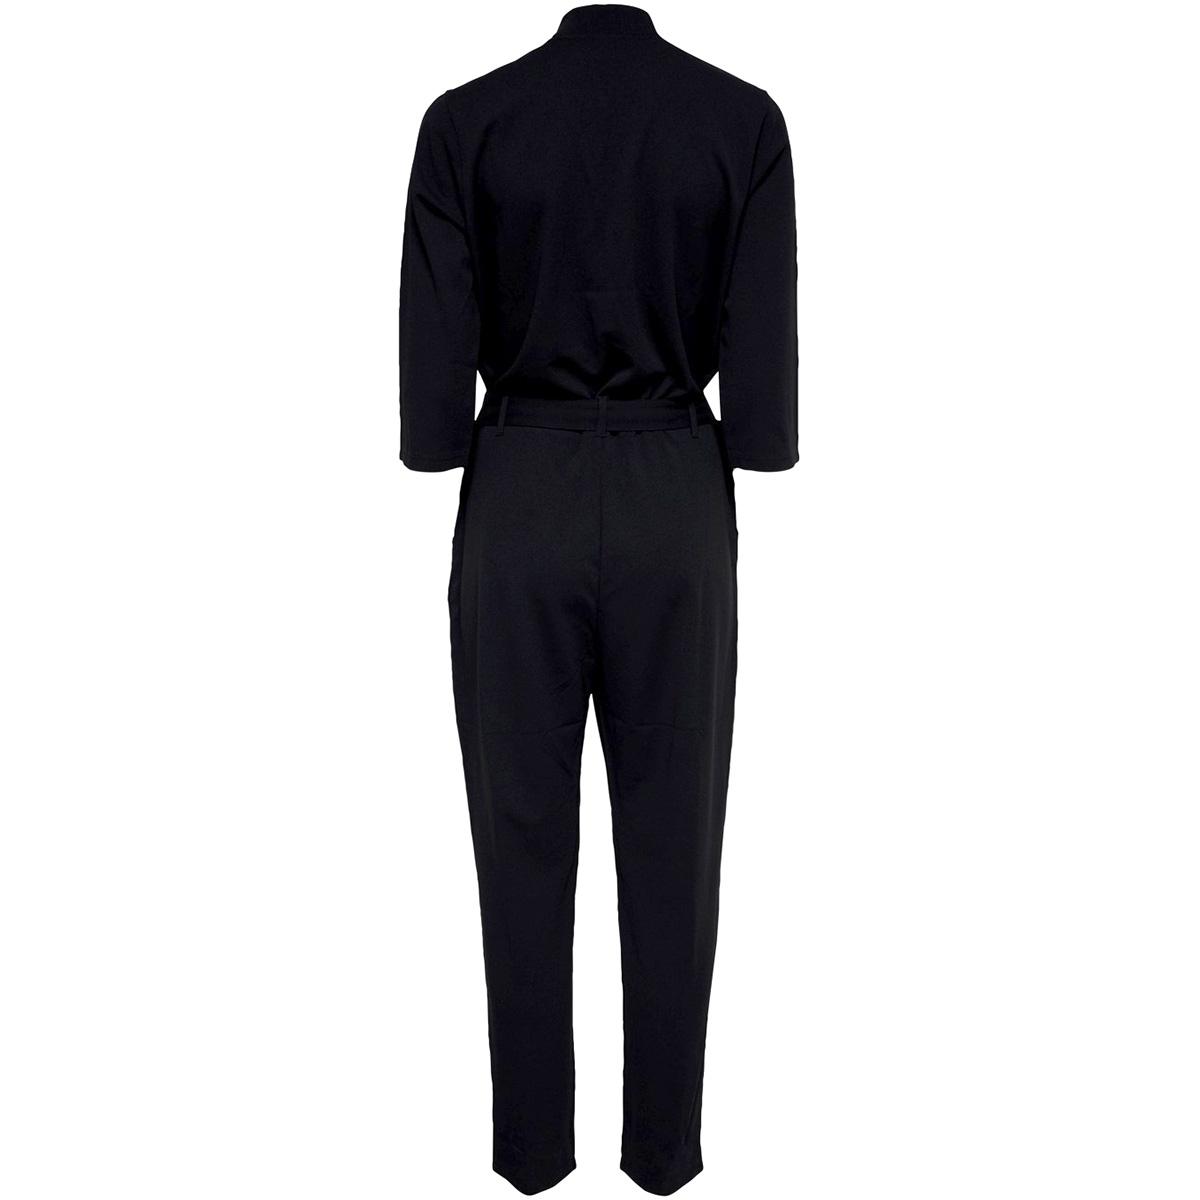 jdygeggo treats  3/4 jumpsuit jrs n 15180577 jacqueline de yong jumpsuit black